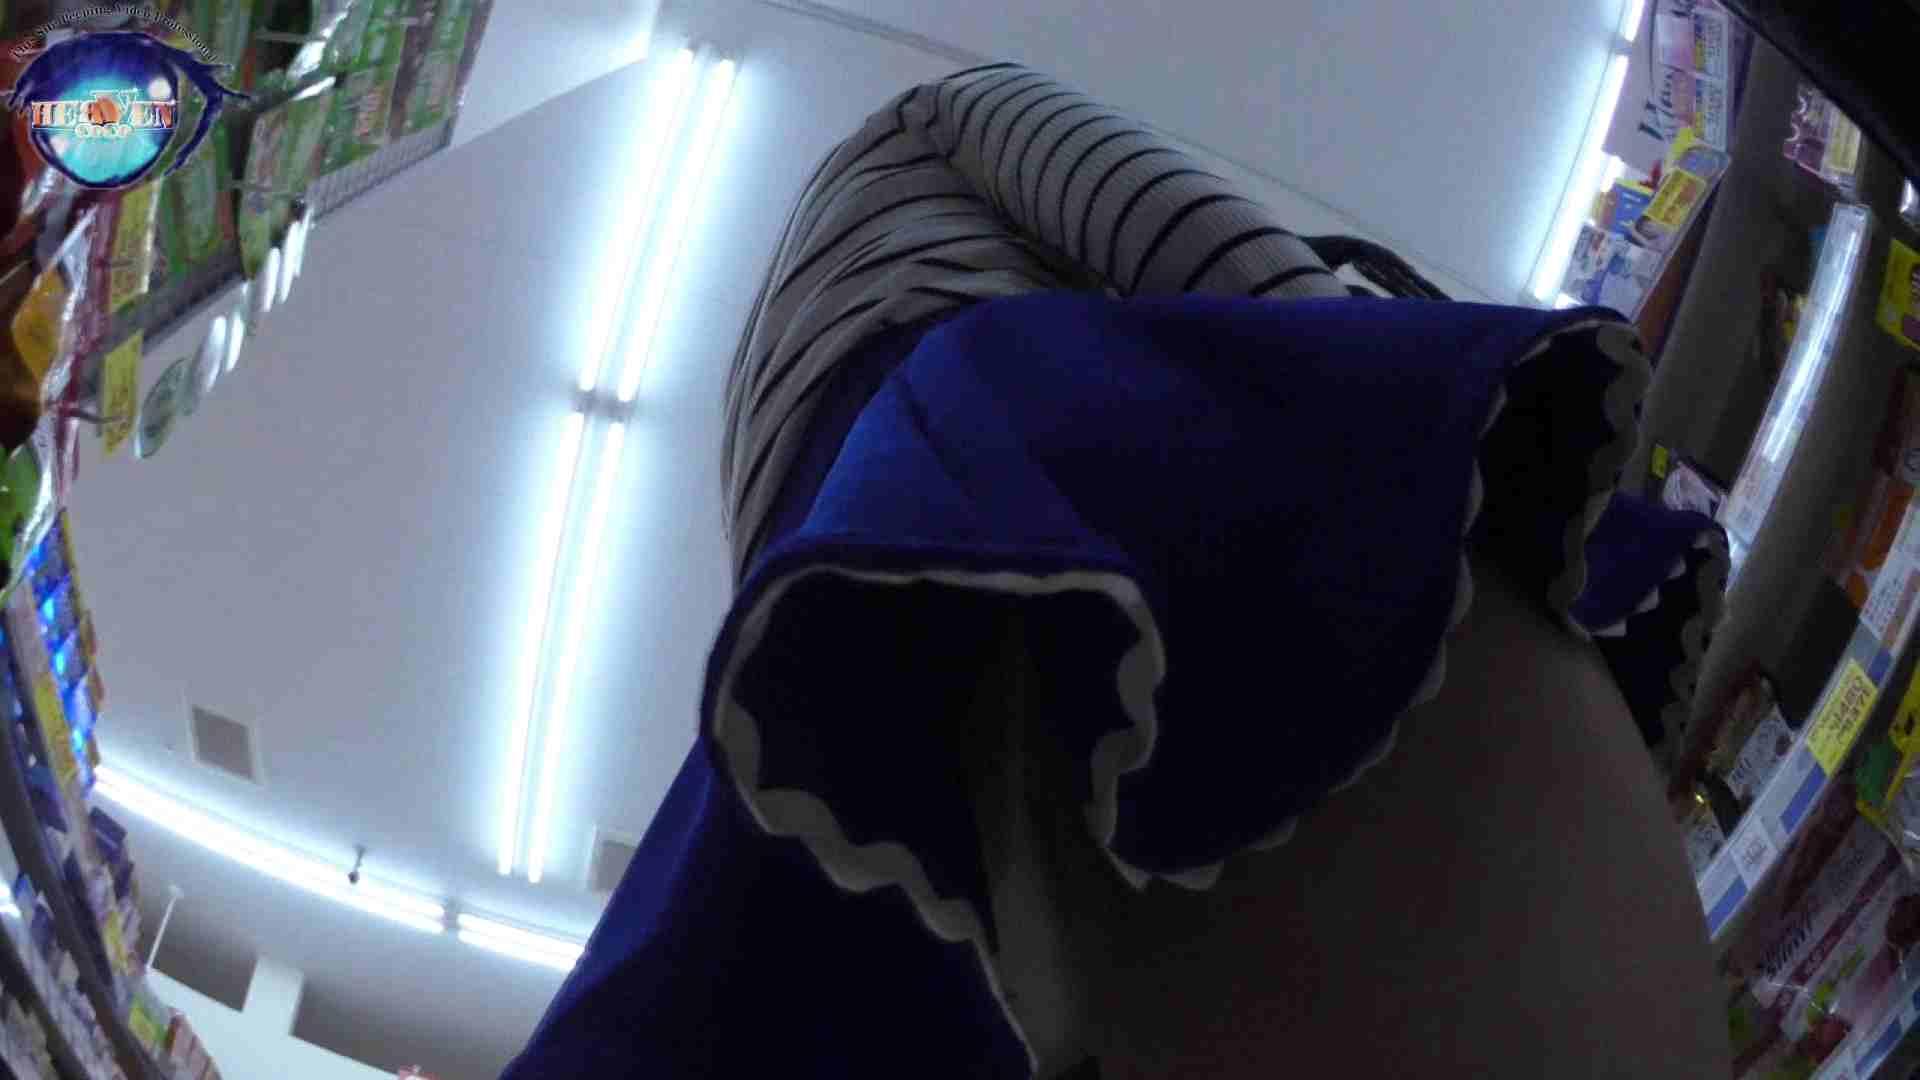 雅さんの独断と偏見で集めた動画 teenパンチラ編vol.4 チラ見えで興奮  10枚 4